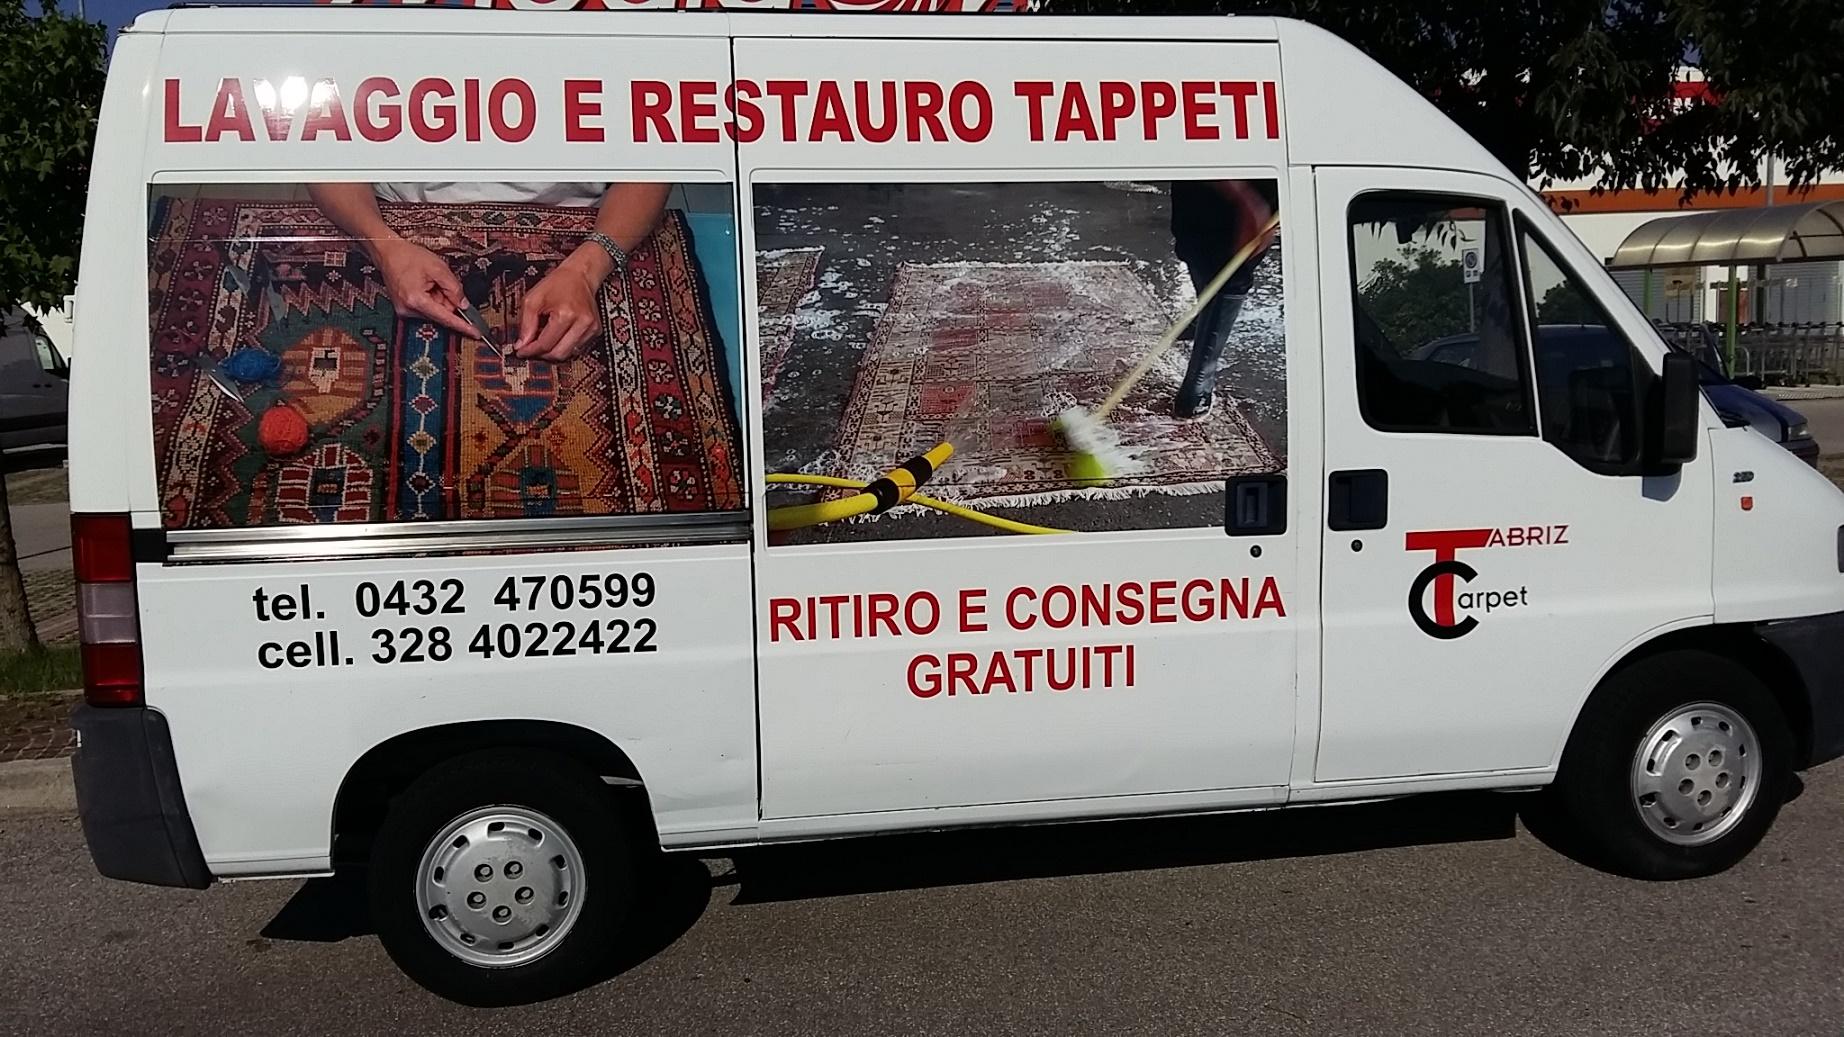 Ritiro e consegna tappeti Gratuiti